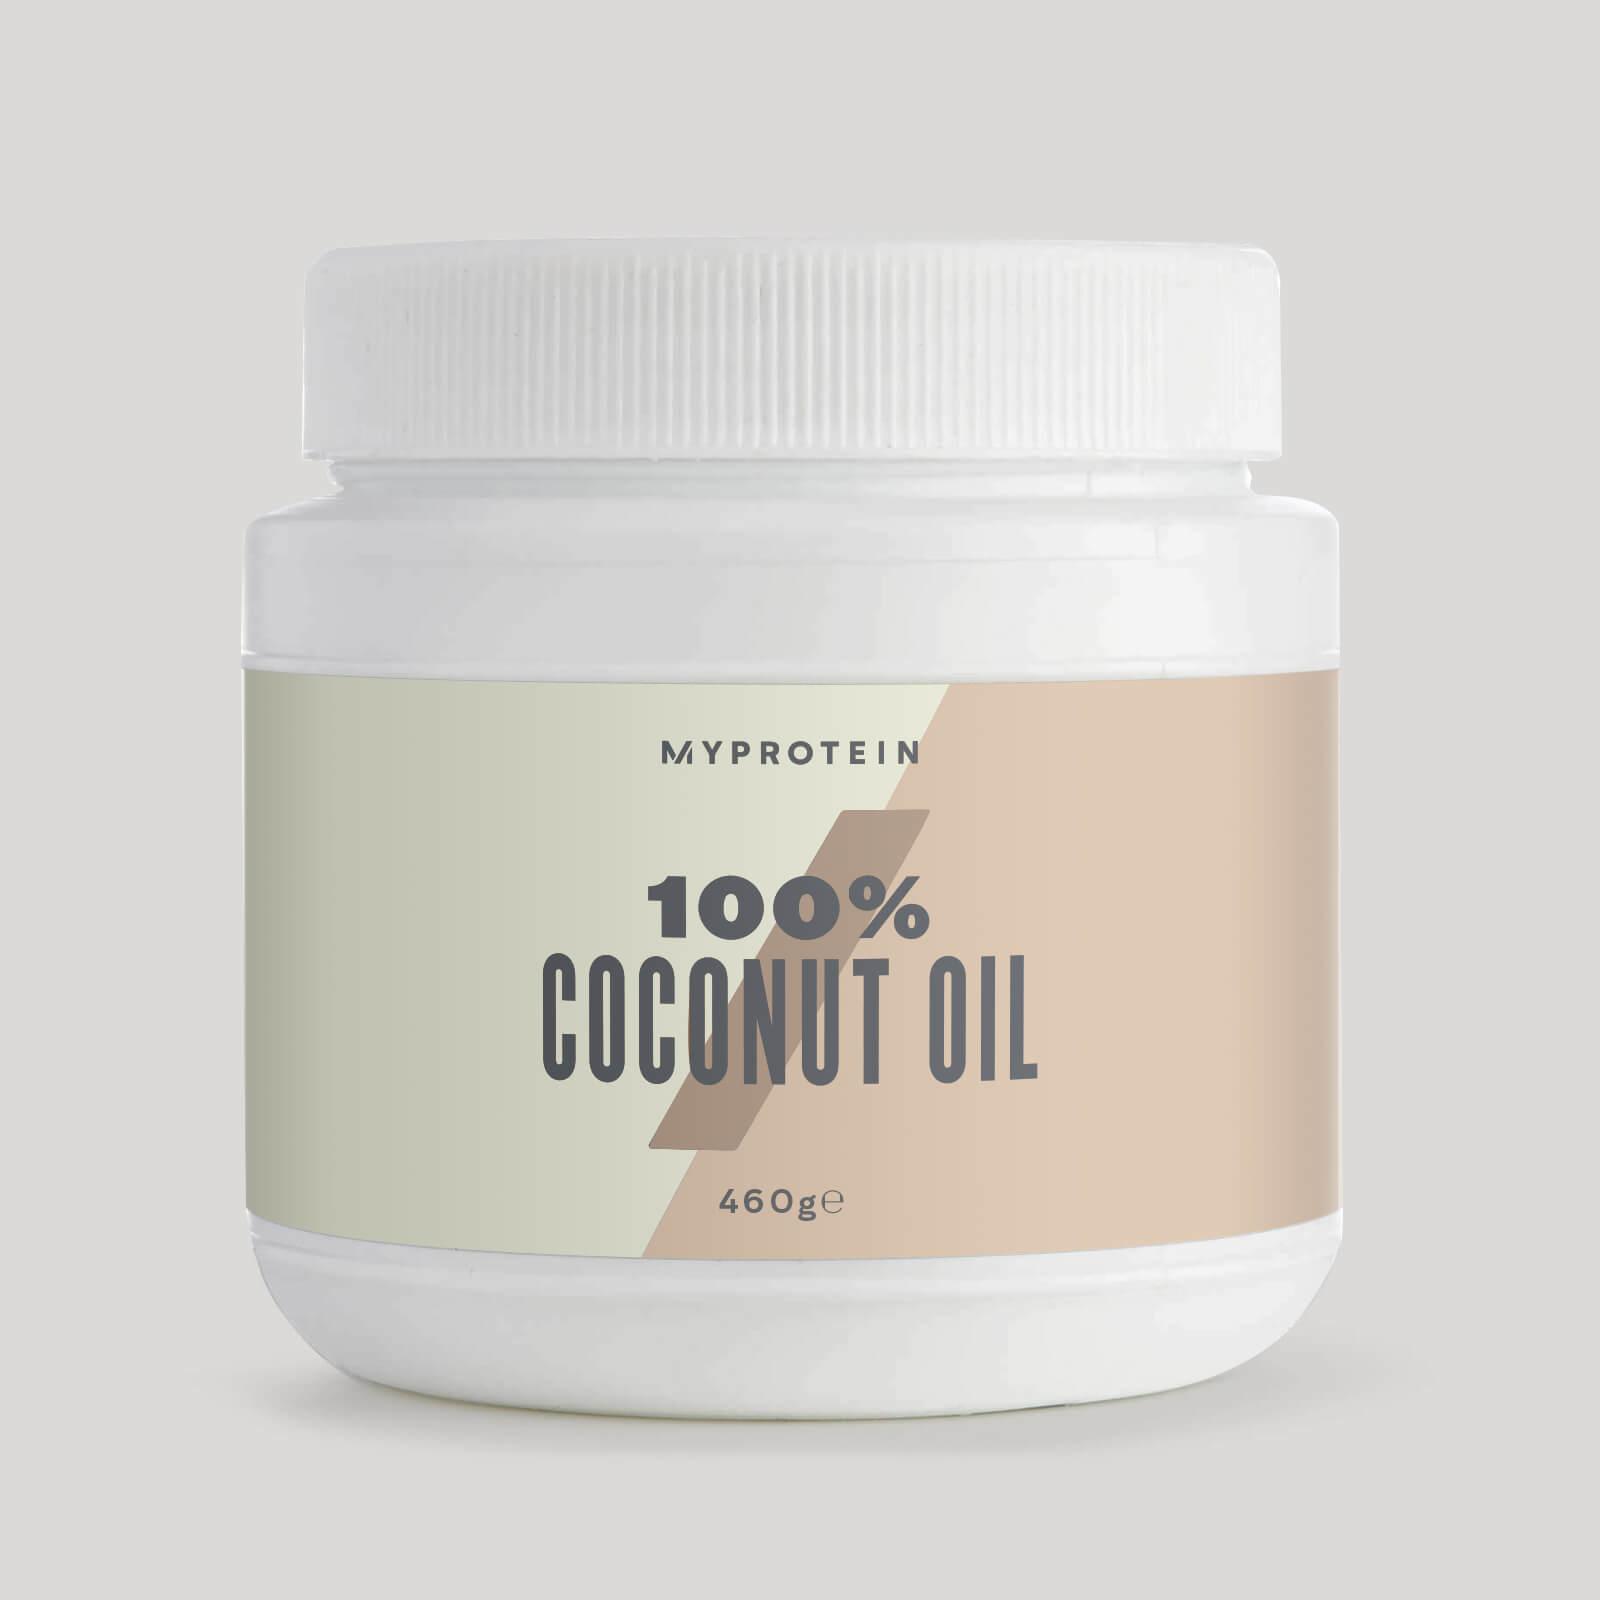 Myprotein Coconpure (Coconut Oil) - 460g - Unflavoured